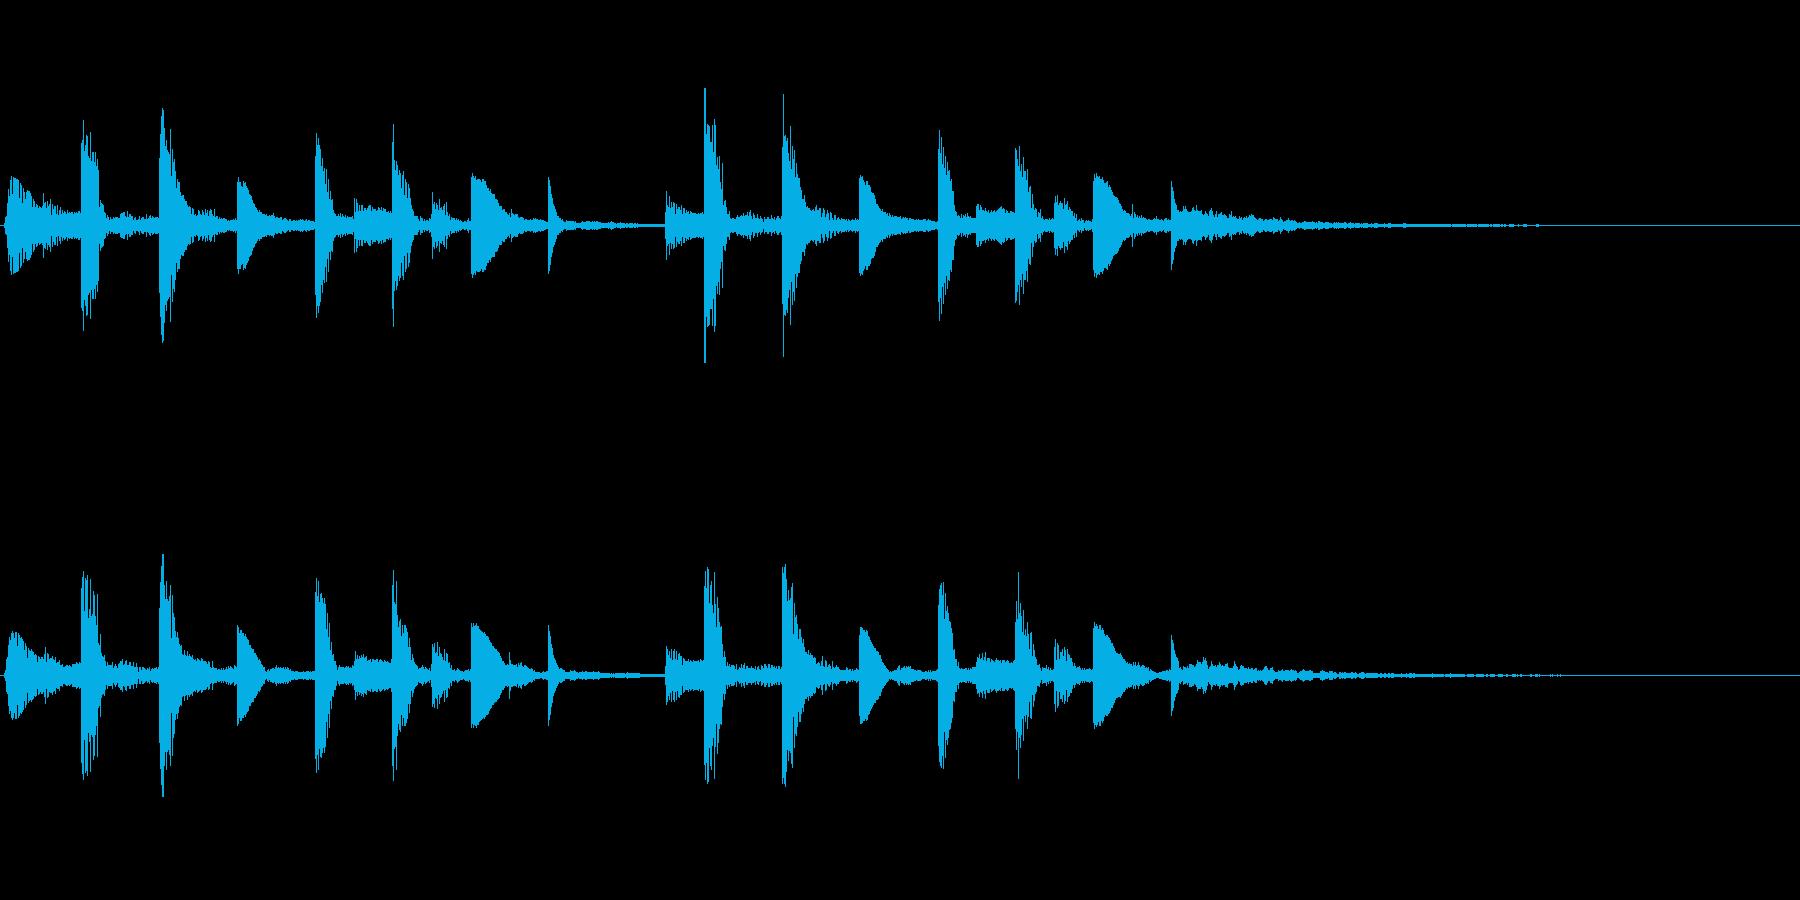 ミステリー映像作品の場面転換音ですの再生済みの波形